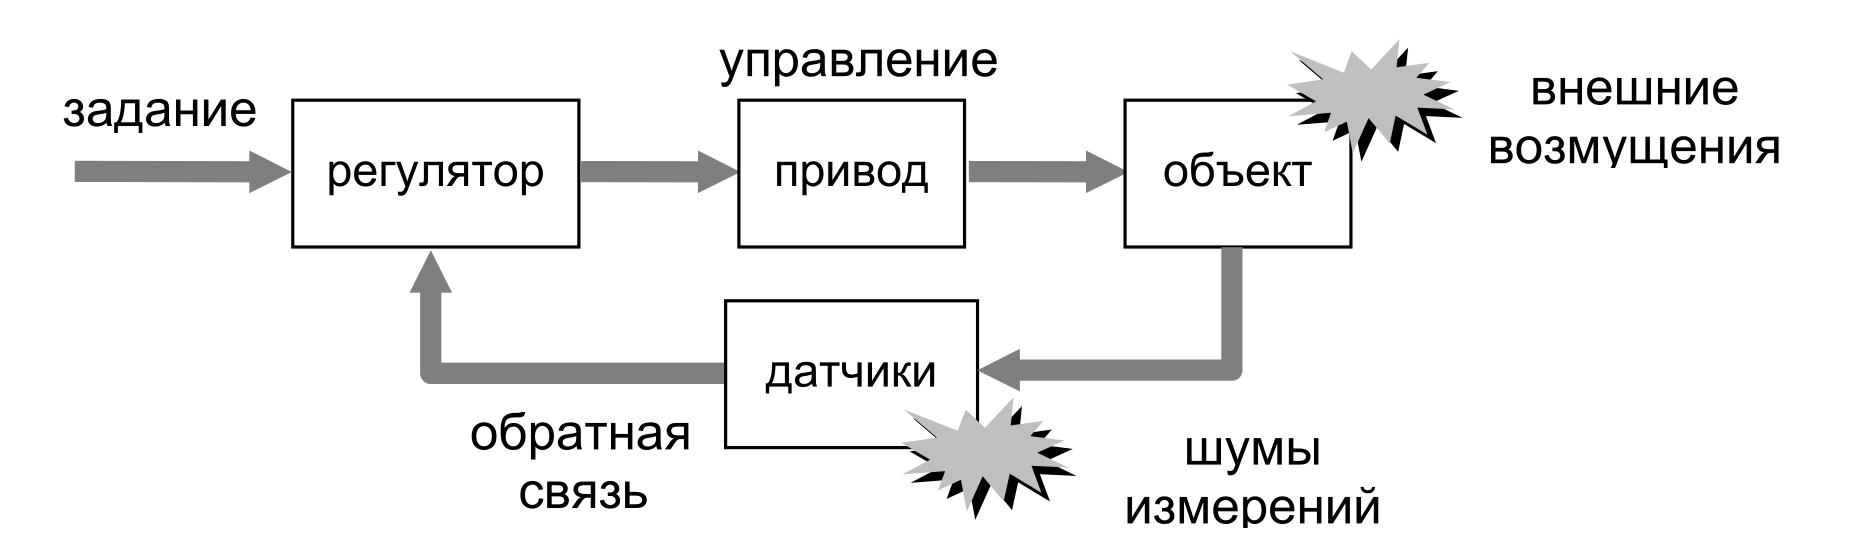 Структурная схема системы управления 678